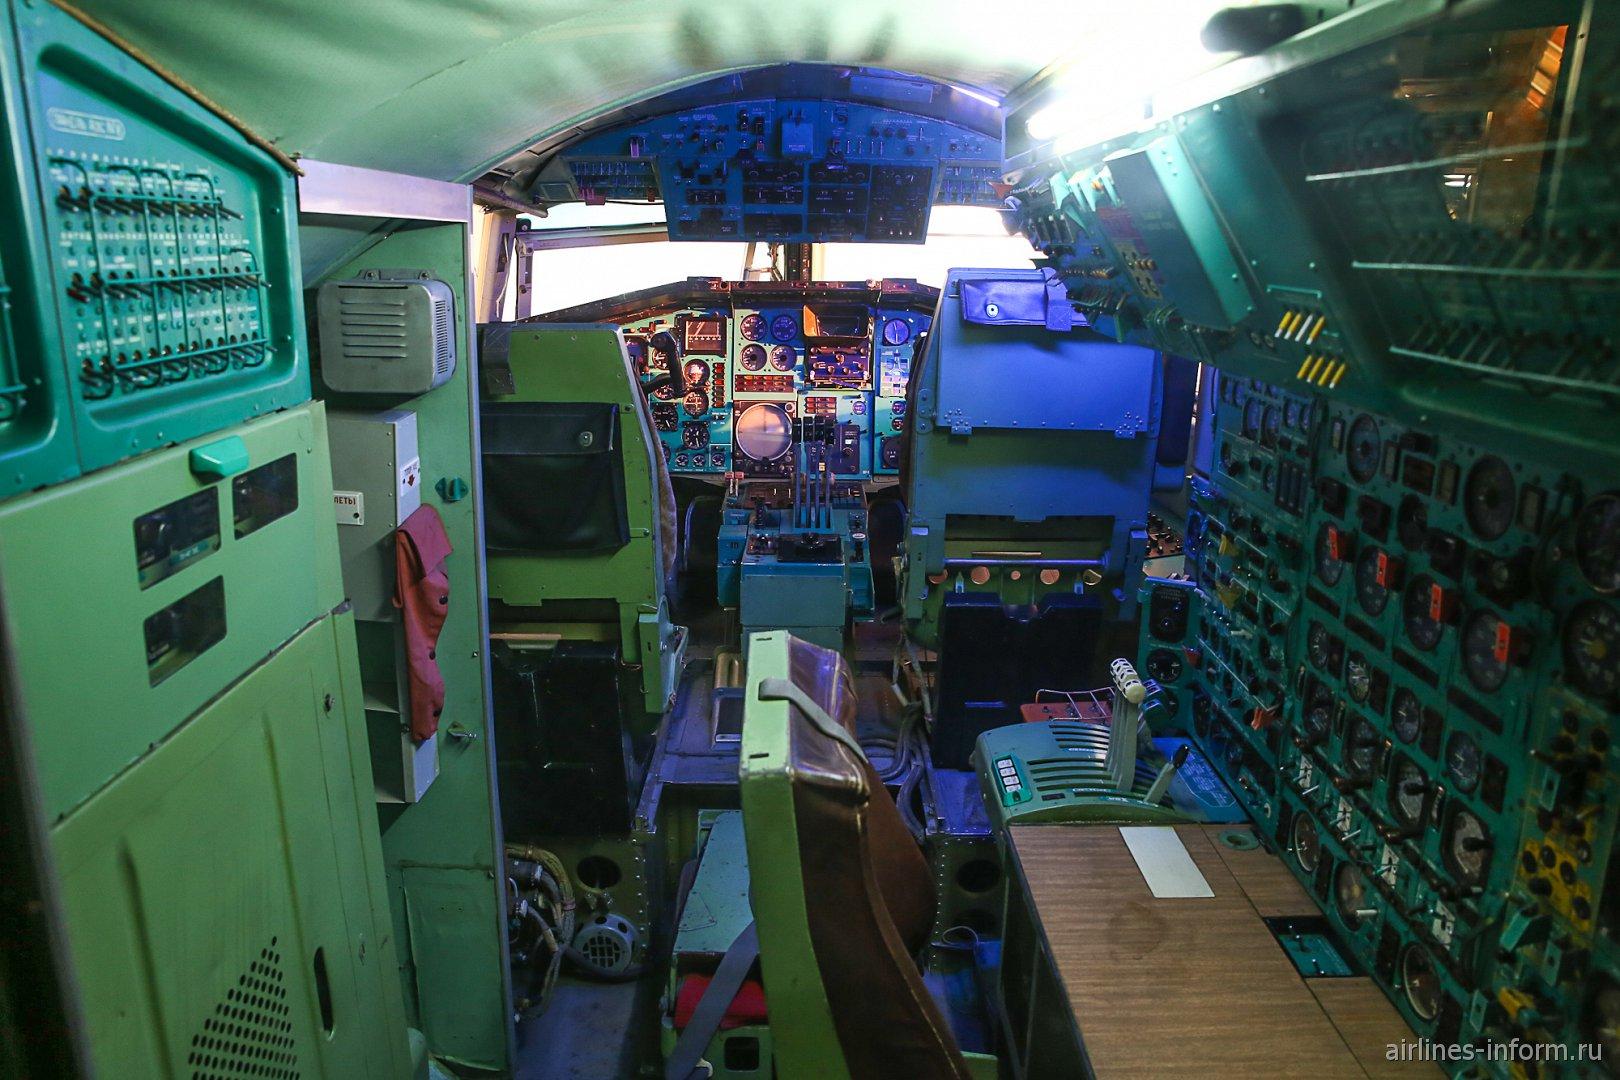 Пилотская кабина самолета Ту-144 в музее техники в Зинсхайме